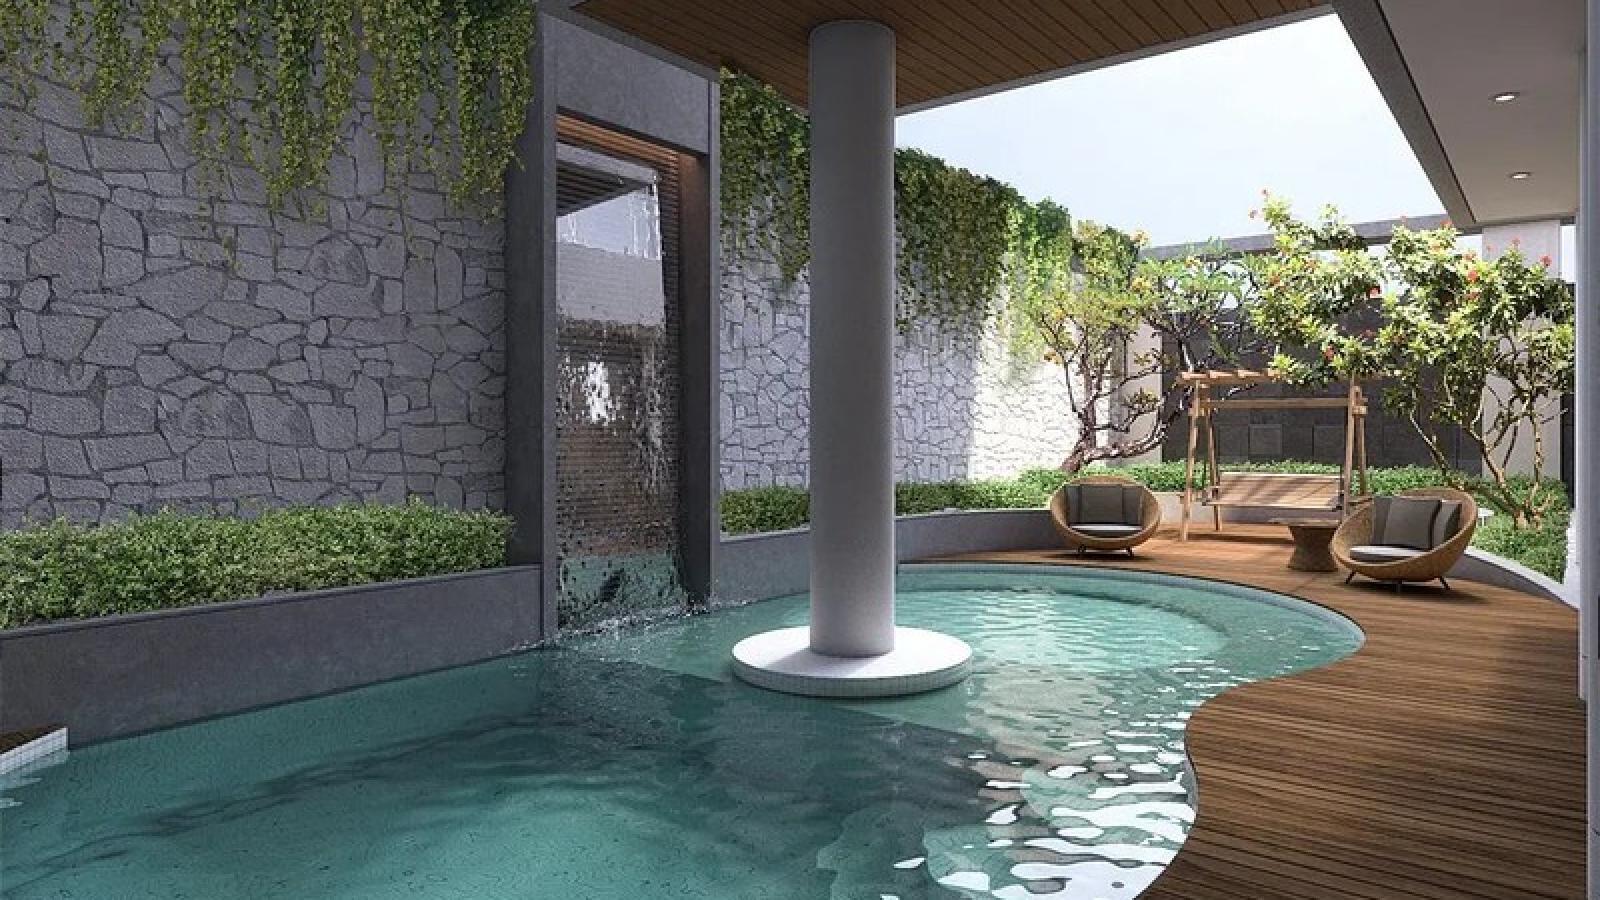 Ngôi nhà sở hữu hồ bơi ngoài trời tiện nghi